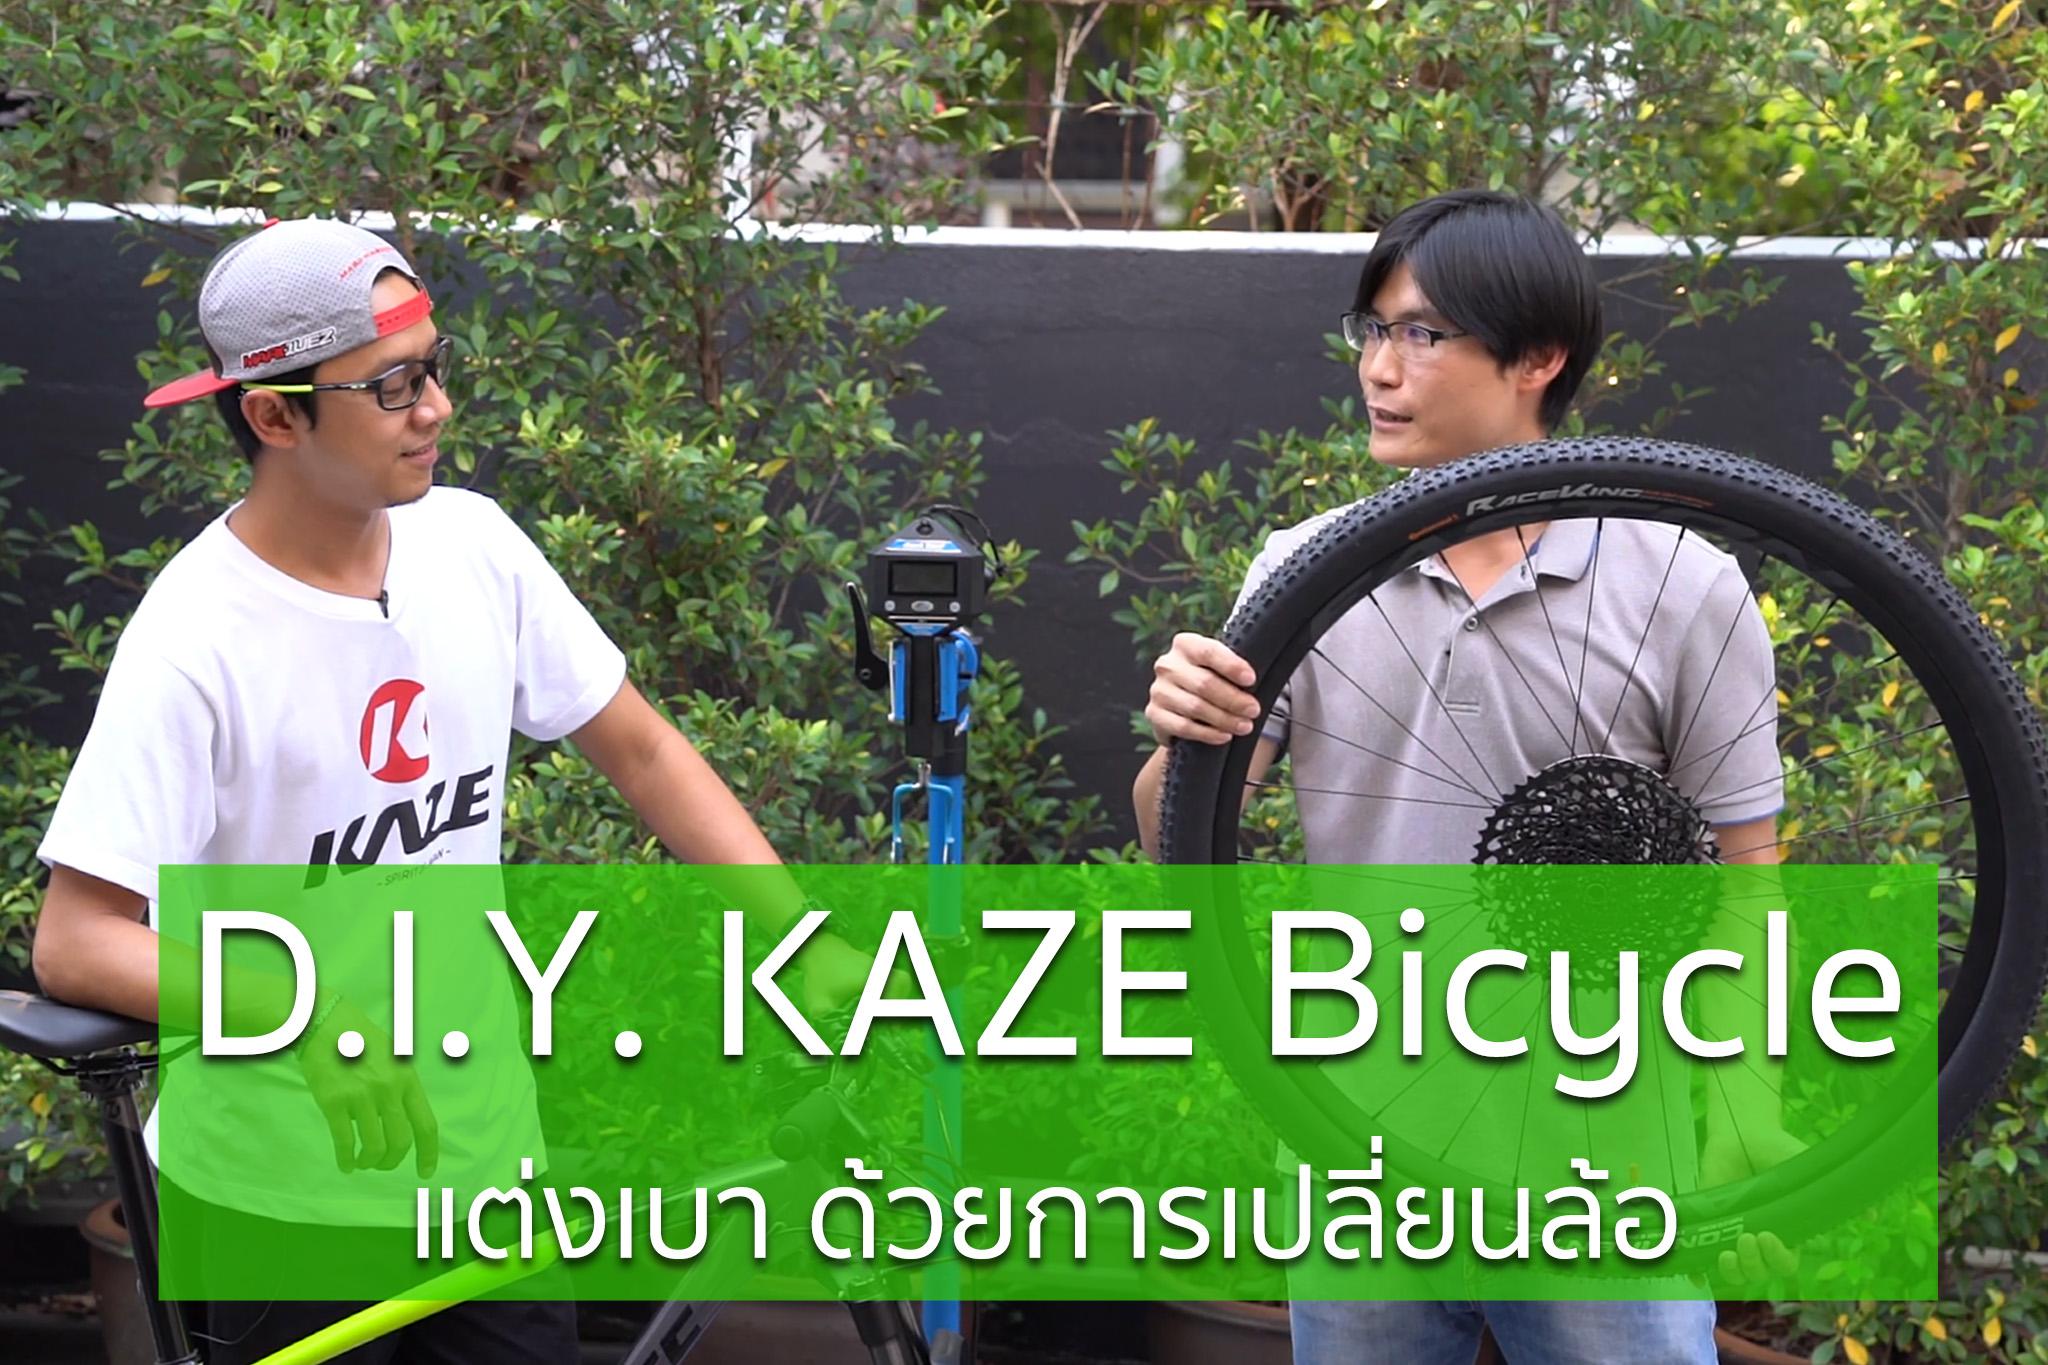 แต่งเบาจักรยาน Kaze ง่ายๆ ด้วยวิธีเปลี่ยนชุดล้อ